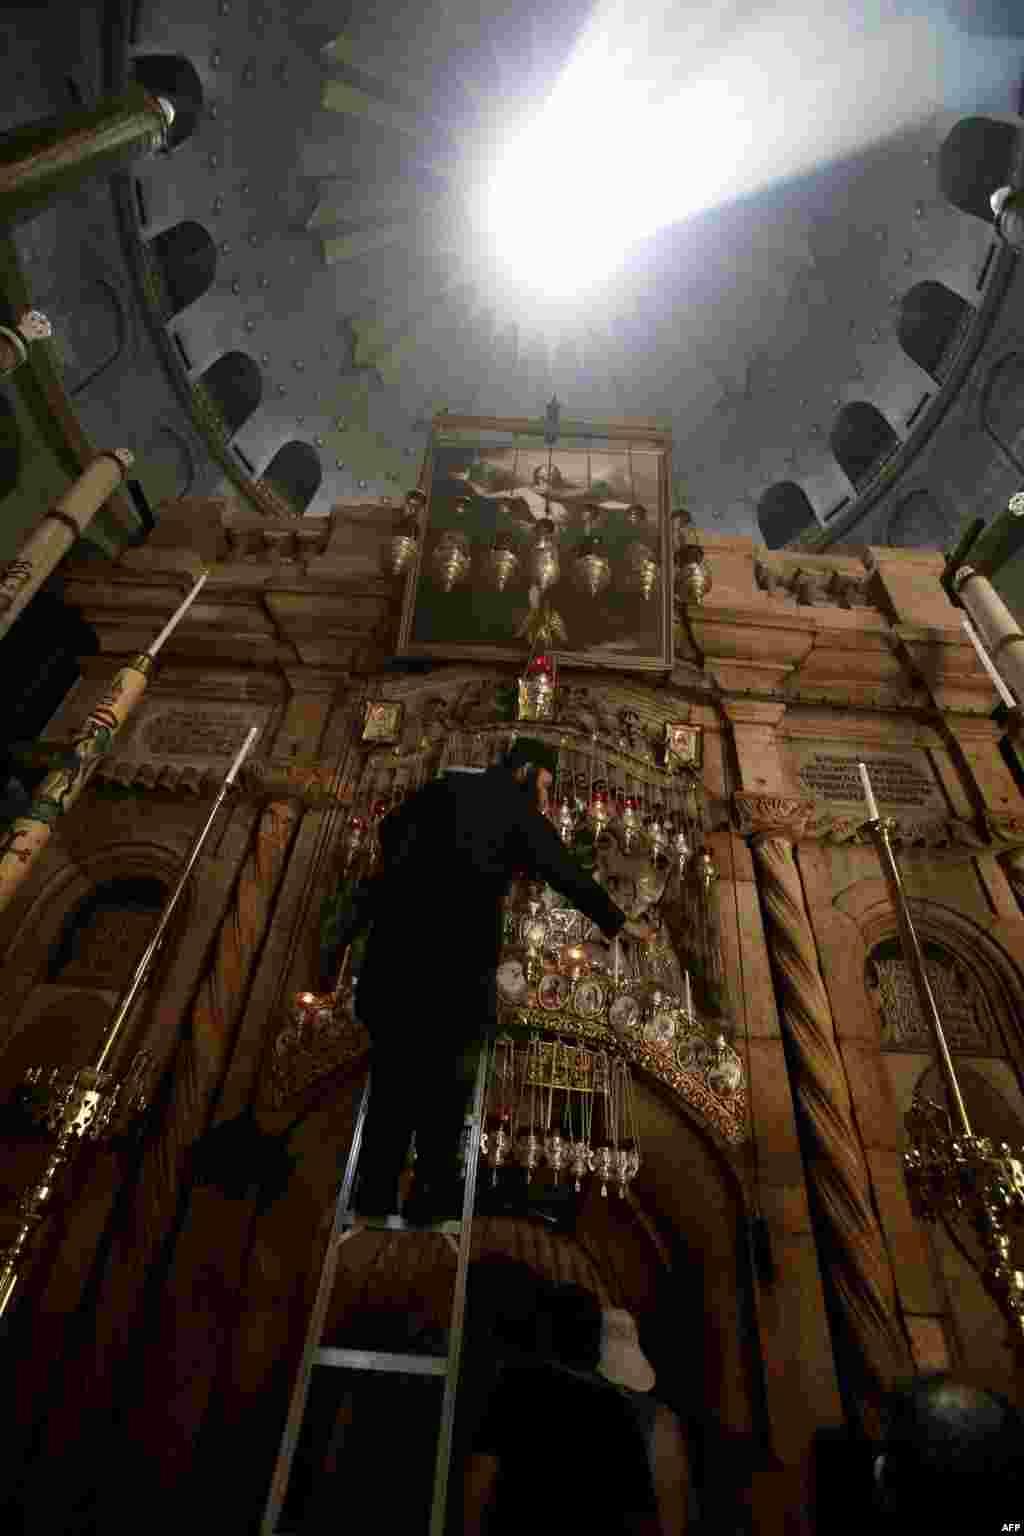 Một tu sĩ Chính thống giáo Hy Lạp rót dầu vào đèn tại mộ của Chúa Giêsu ở nhà thờ Mộ Thánh trong Cổ thành của Jerusalem, hai ngày trước chuyến viếng thăm của Đức Giáo hoàng Phanxicô đến Đất Thánh.